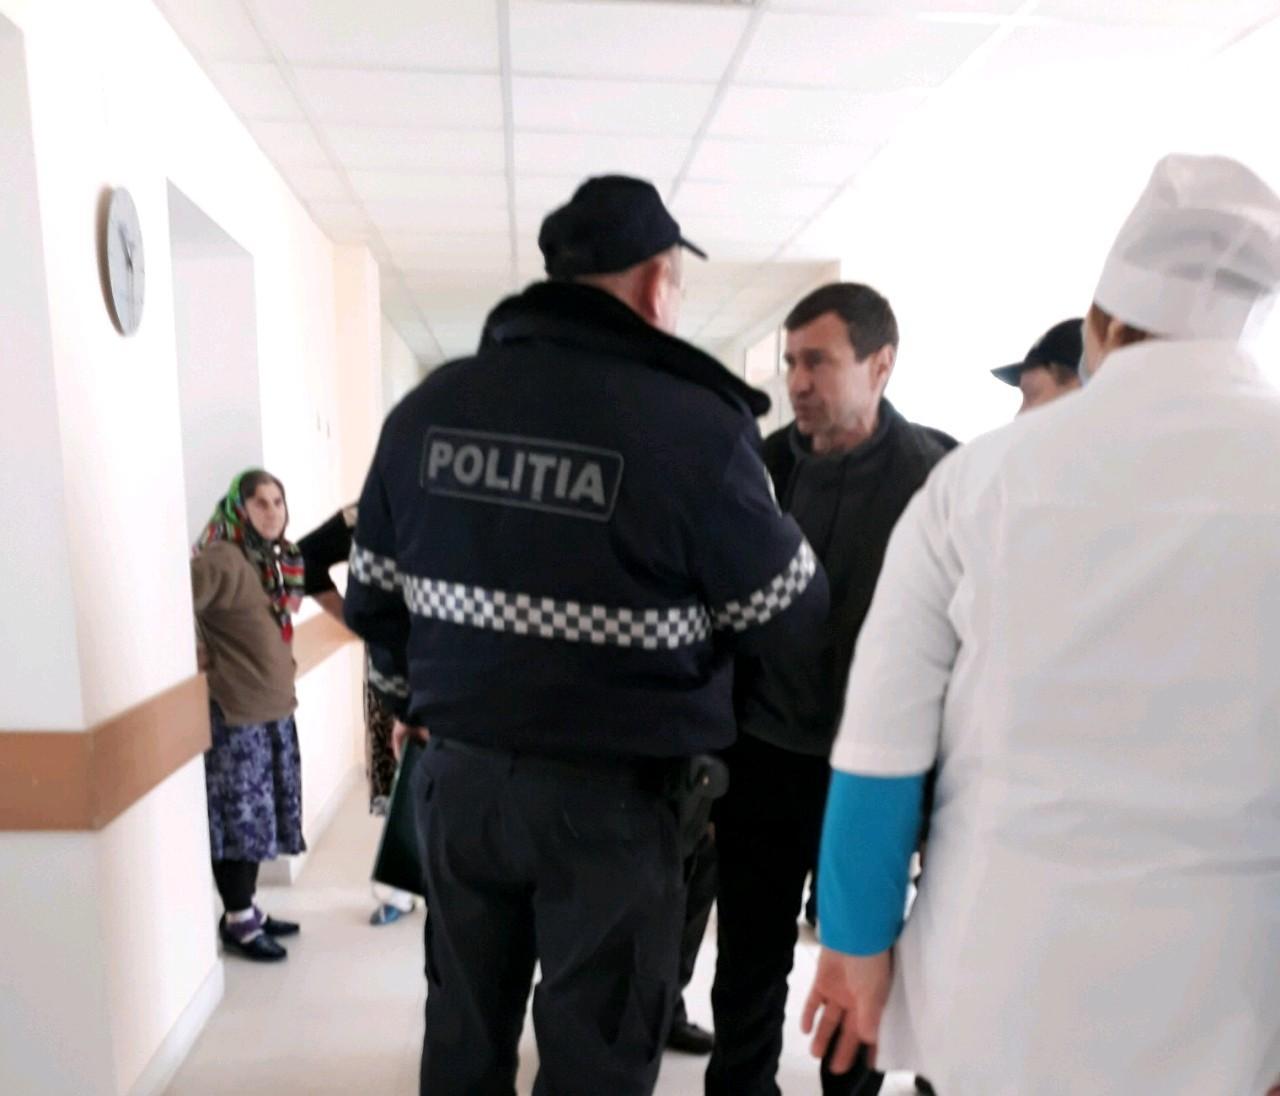 Директор больницы №1, где избили врача, рассказал подробности инцидента